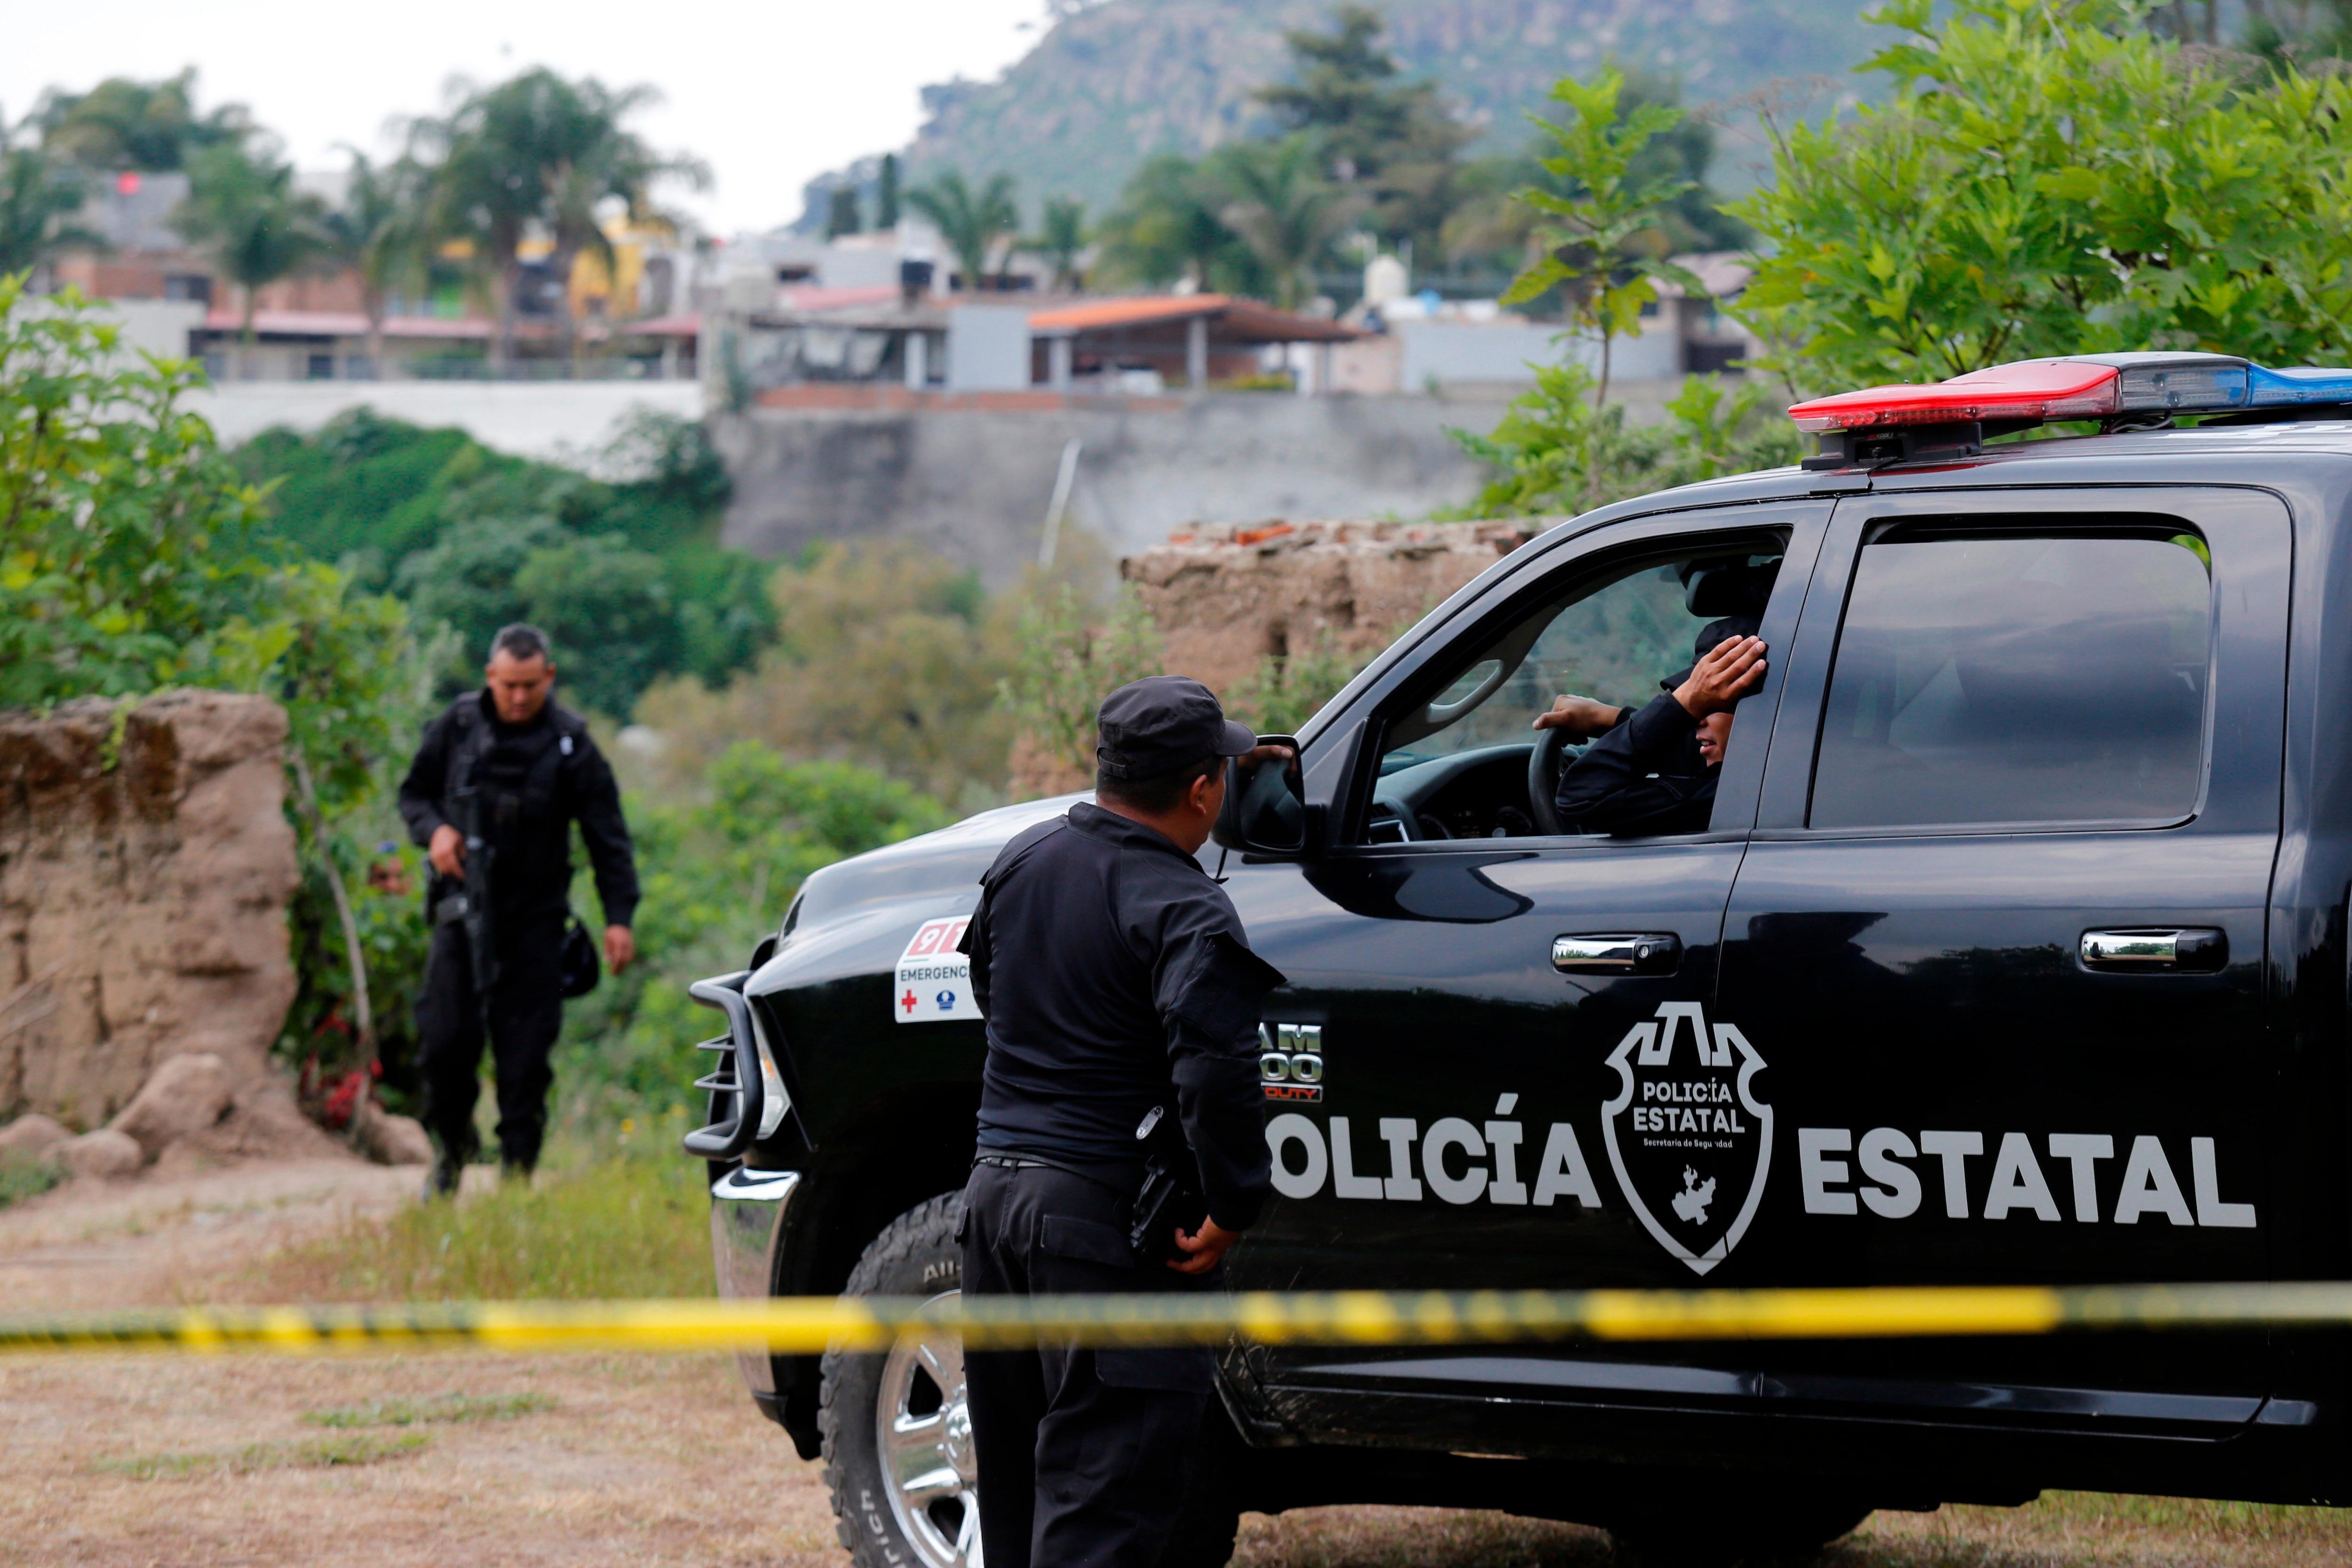 Jalisco tuvo hallazgos de esta índole durante julio (Foto: EFE/Francisco Guasco)